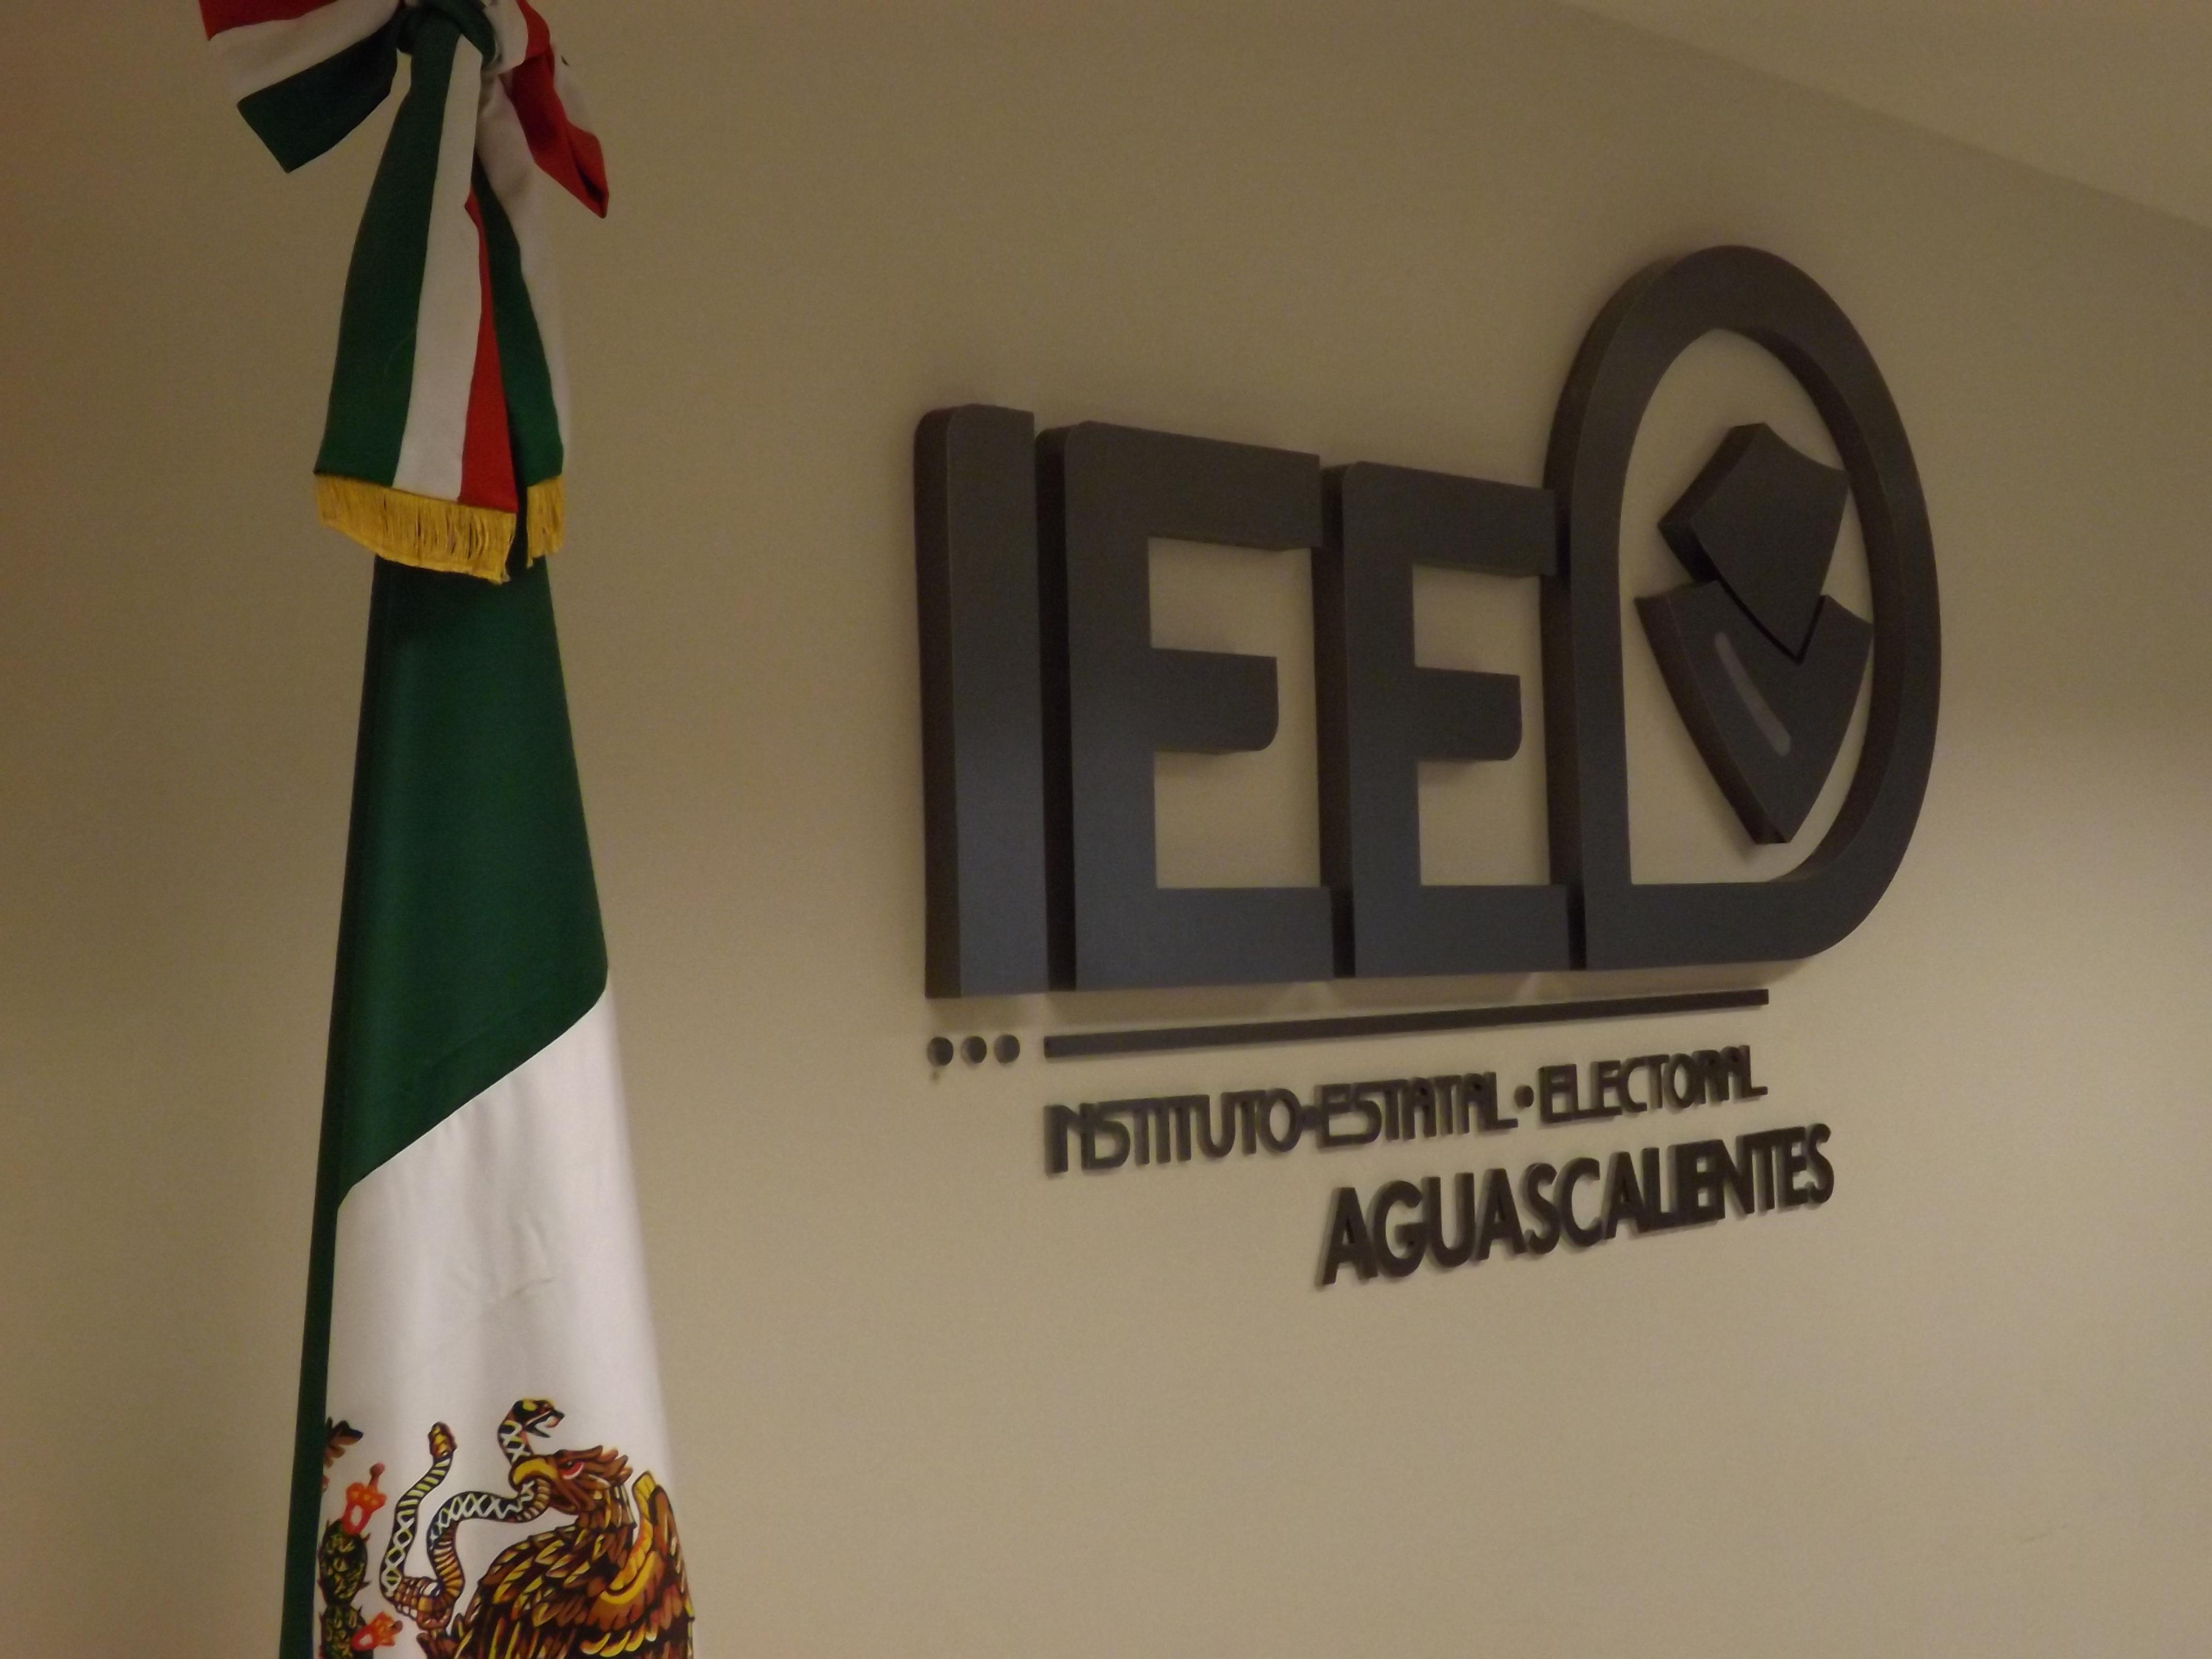 Incierto el arranque del proceso electoral 2016 @IEEAGS